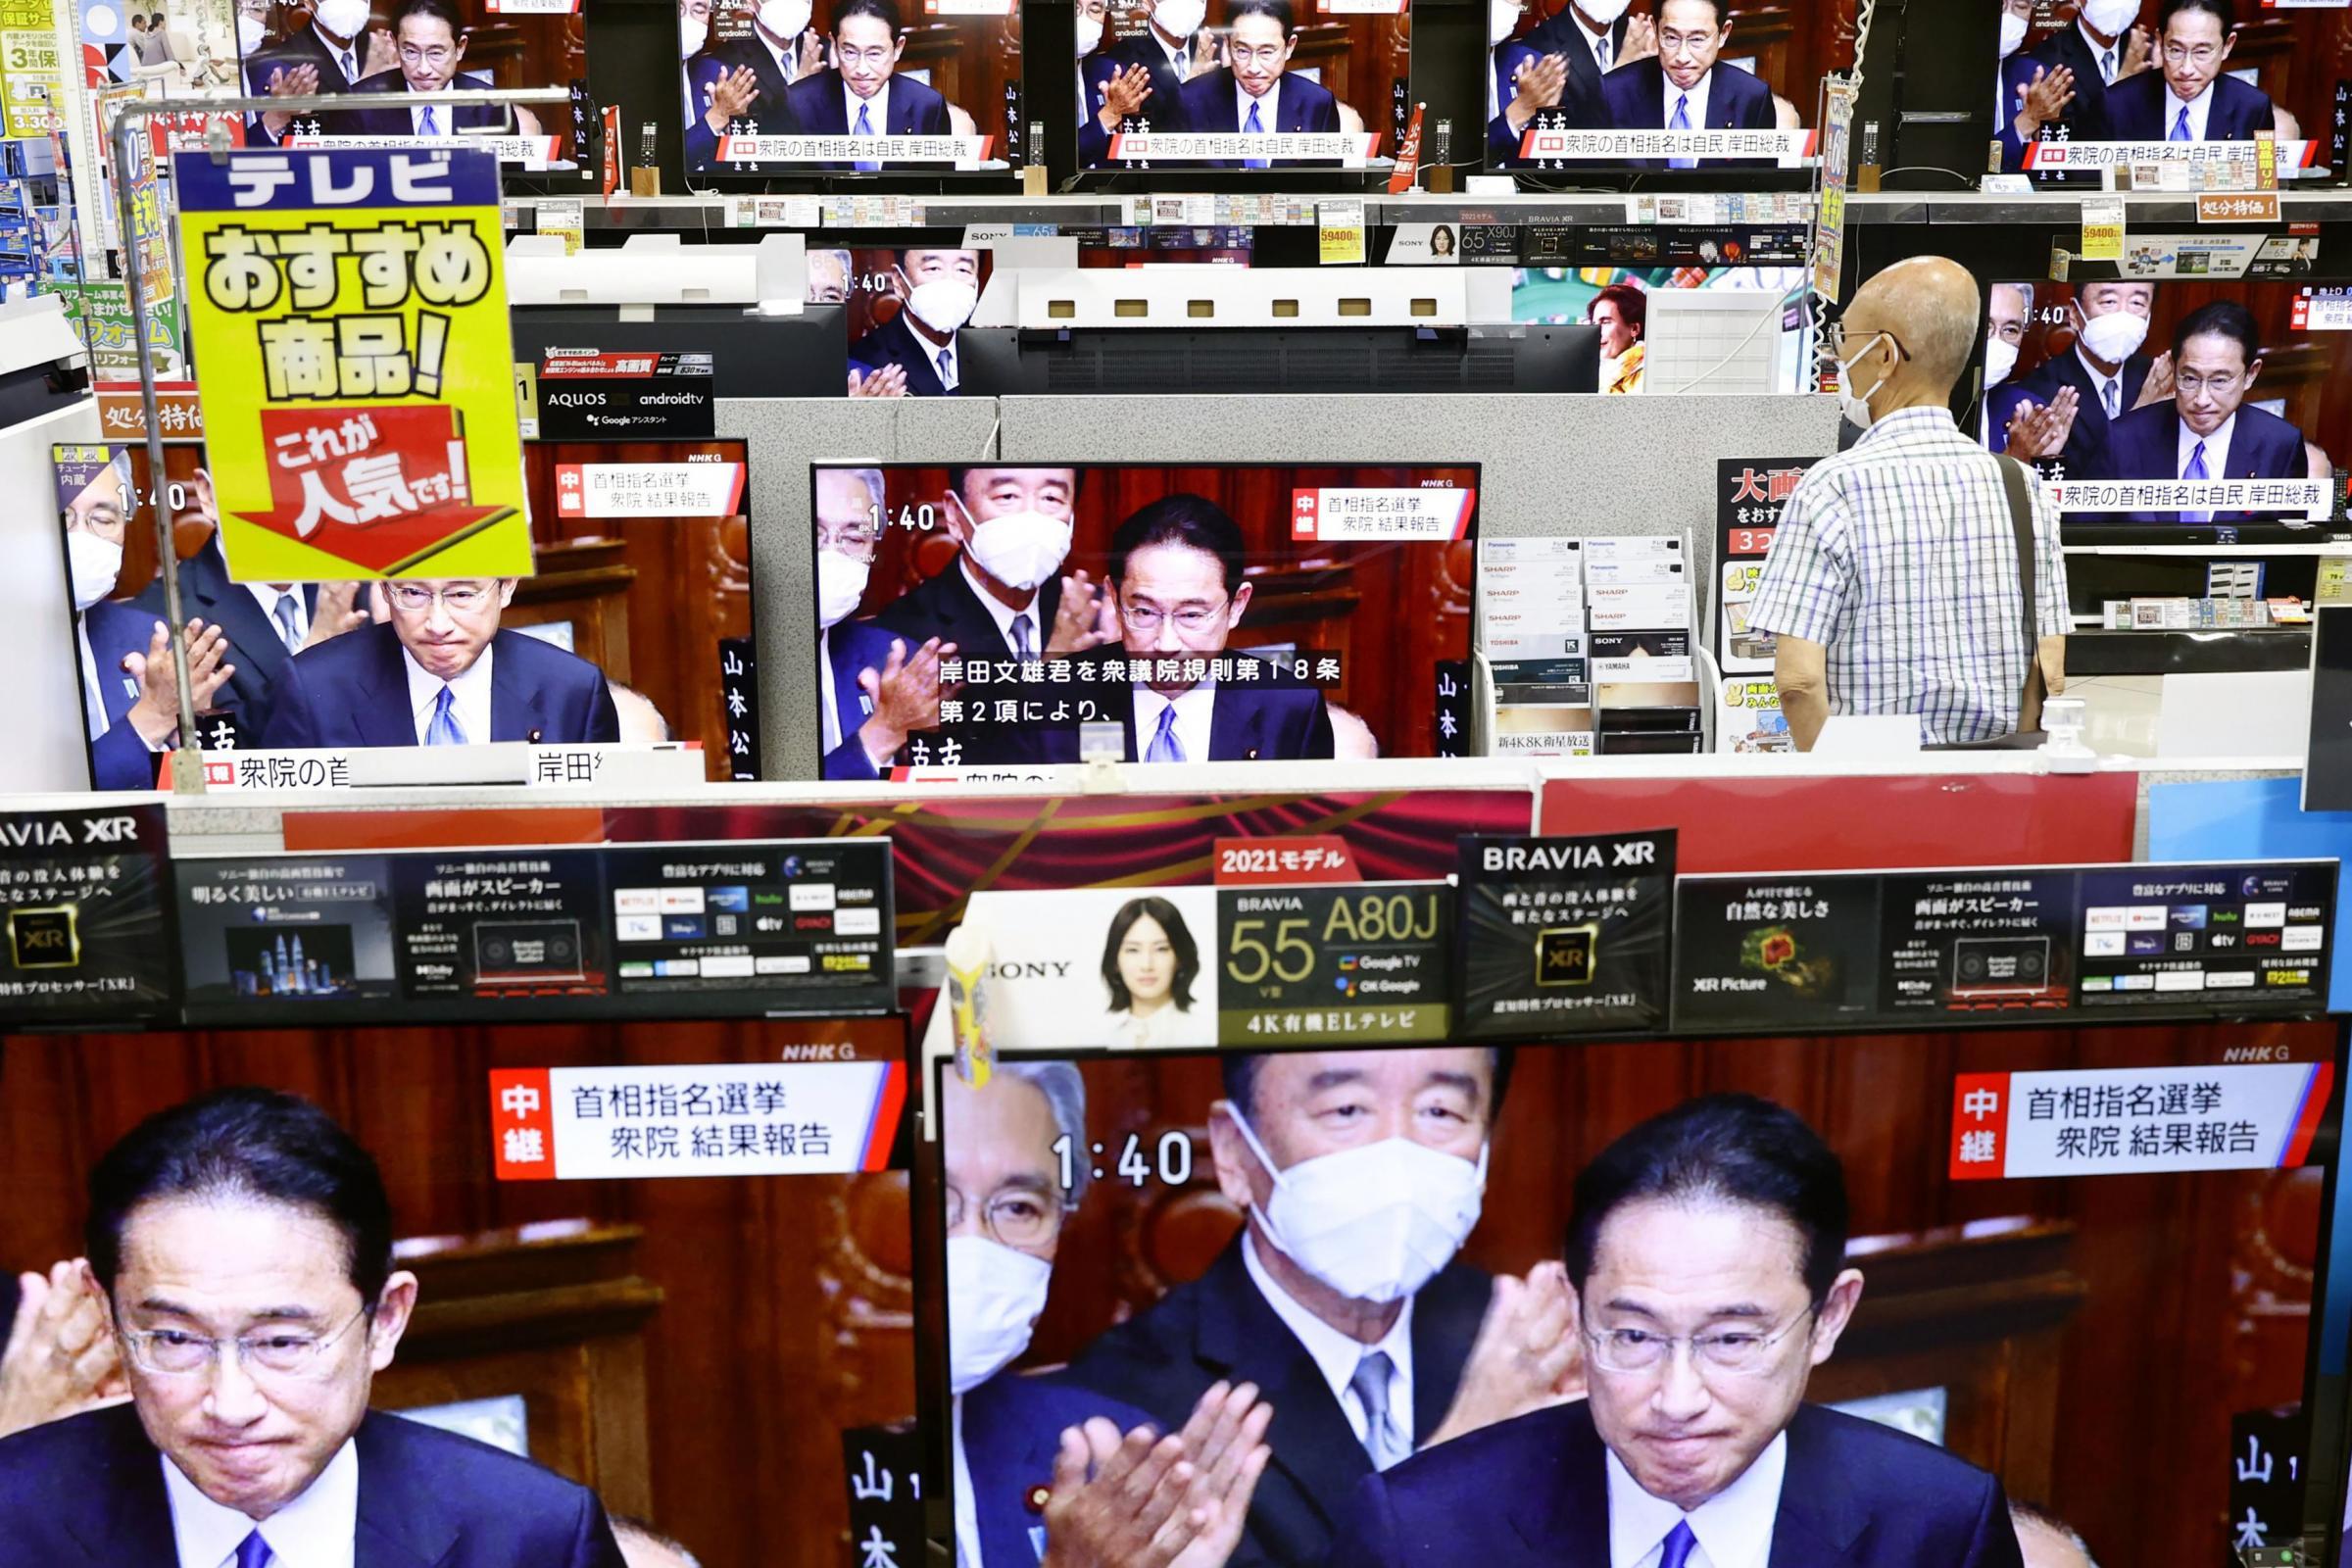 Parlemen Jepang memilih mantan diplomat Fumio Kishida sebagai perdana menteri baru